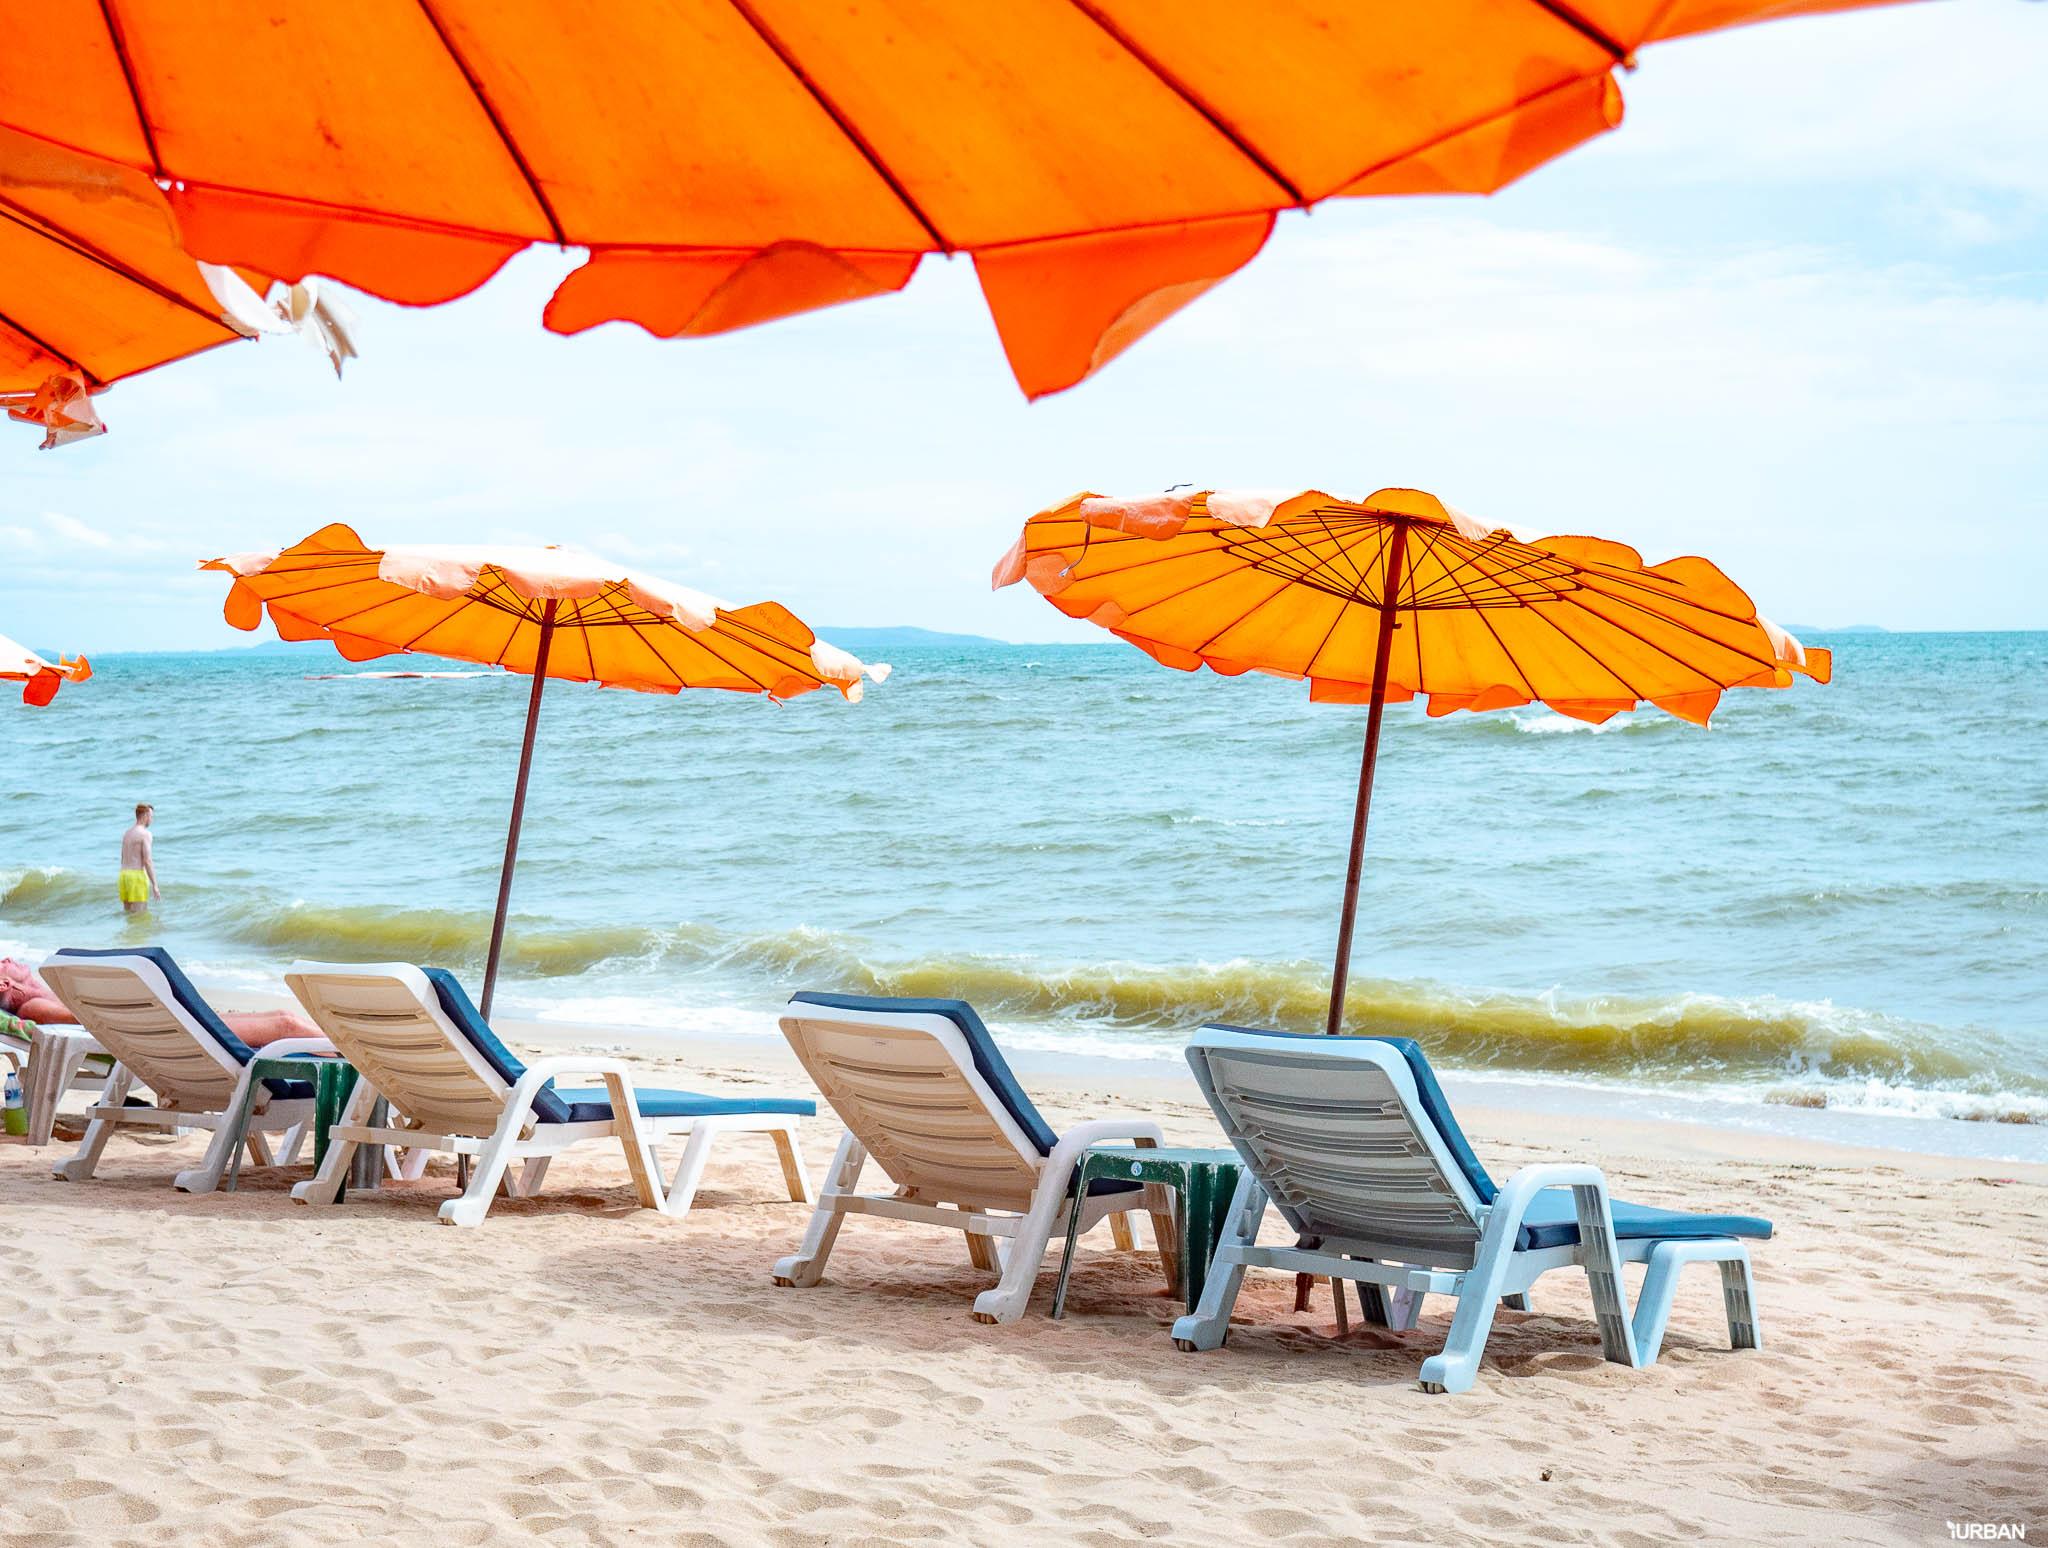 7 ชายหาดทะเลพัทยา ที่ยังสวยสะอาดน่าเที่ยวใกล้กรุงเทพ ไม่ต้องหนีร้อนไปไกล ก็พักได้ ชิลๆ 142 - Beach